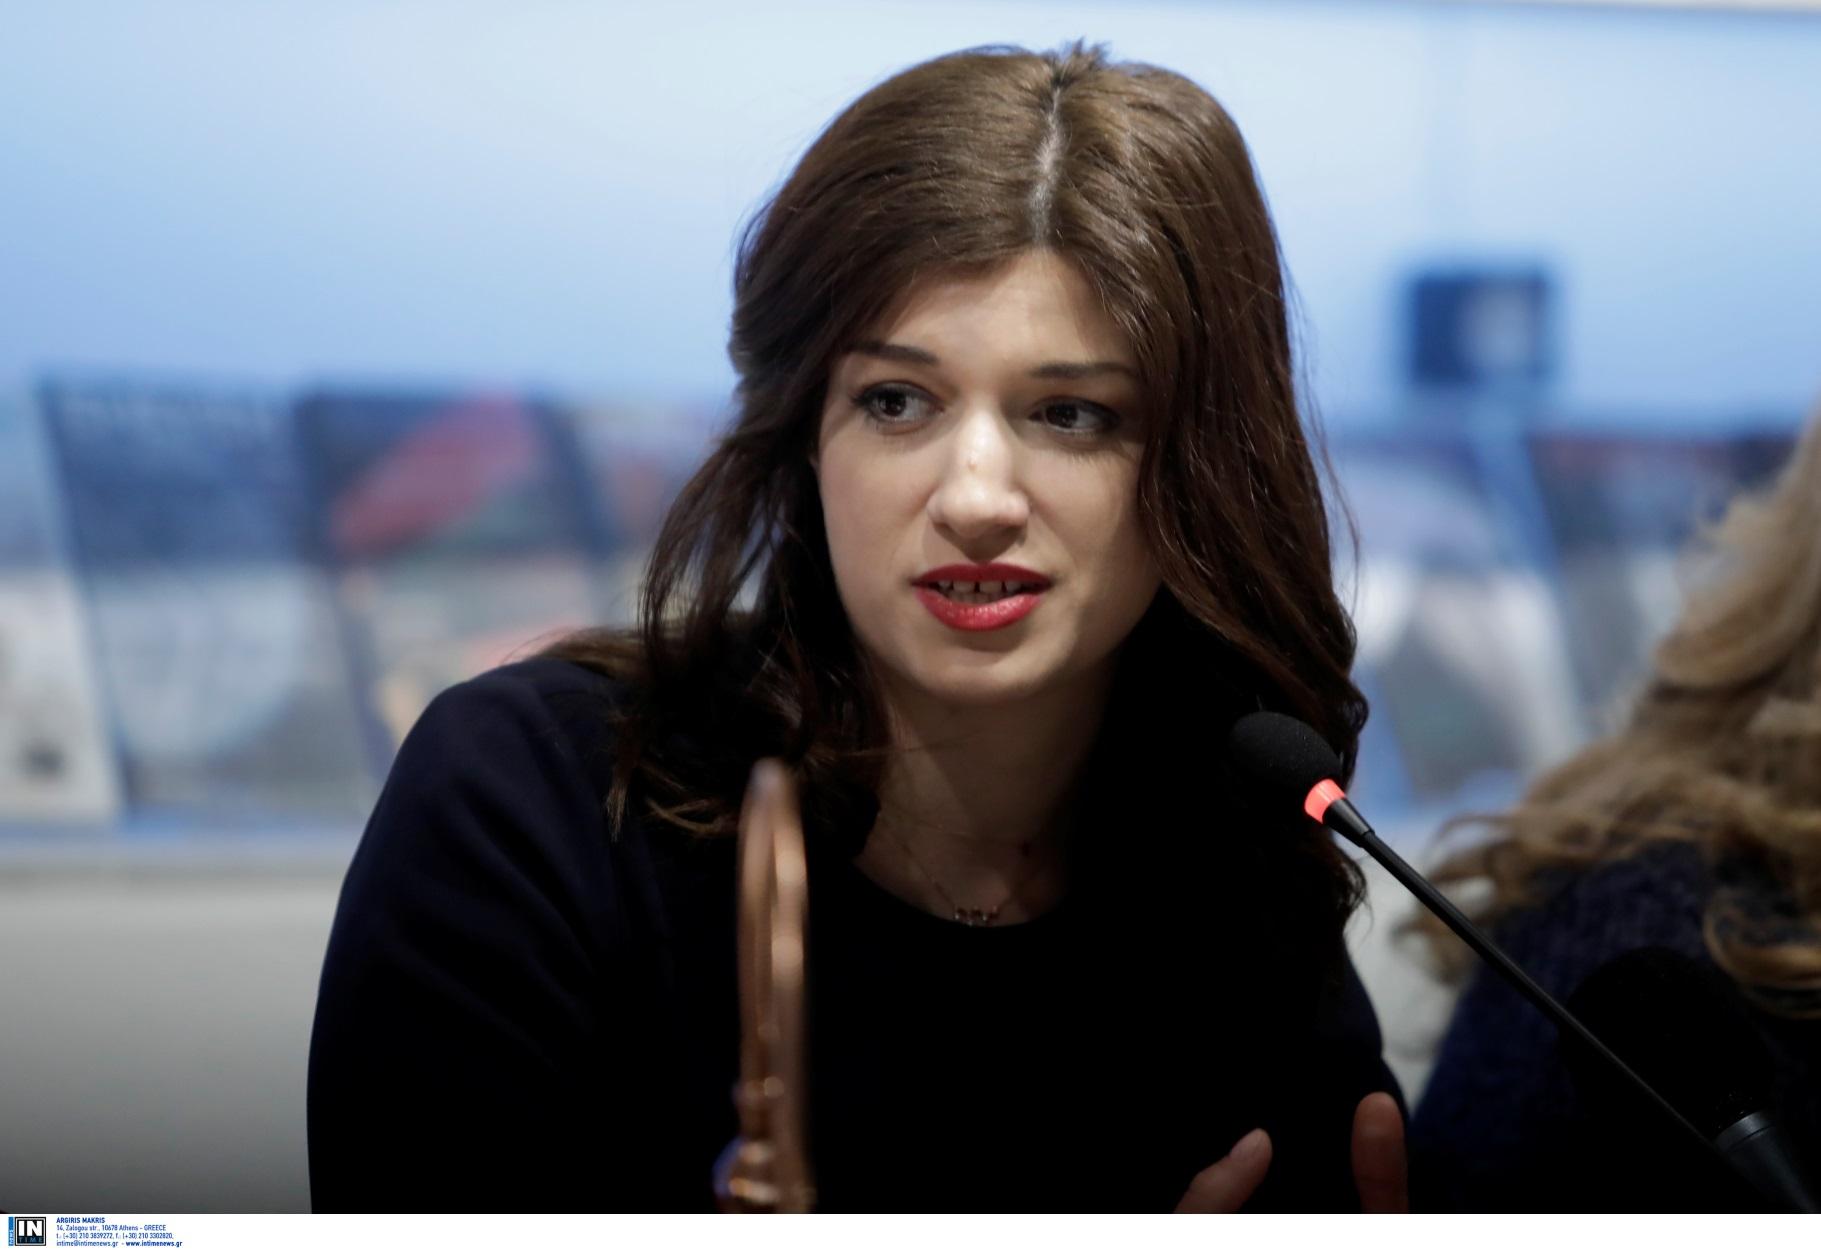 Θεσσαλονίκη: Το lockdown, το κουλούρι και το λάθος της Κατερίνας Νοτοπούλου που έβαλε φωτιά στο twitter (pics)